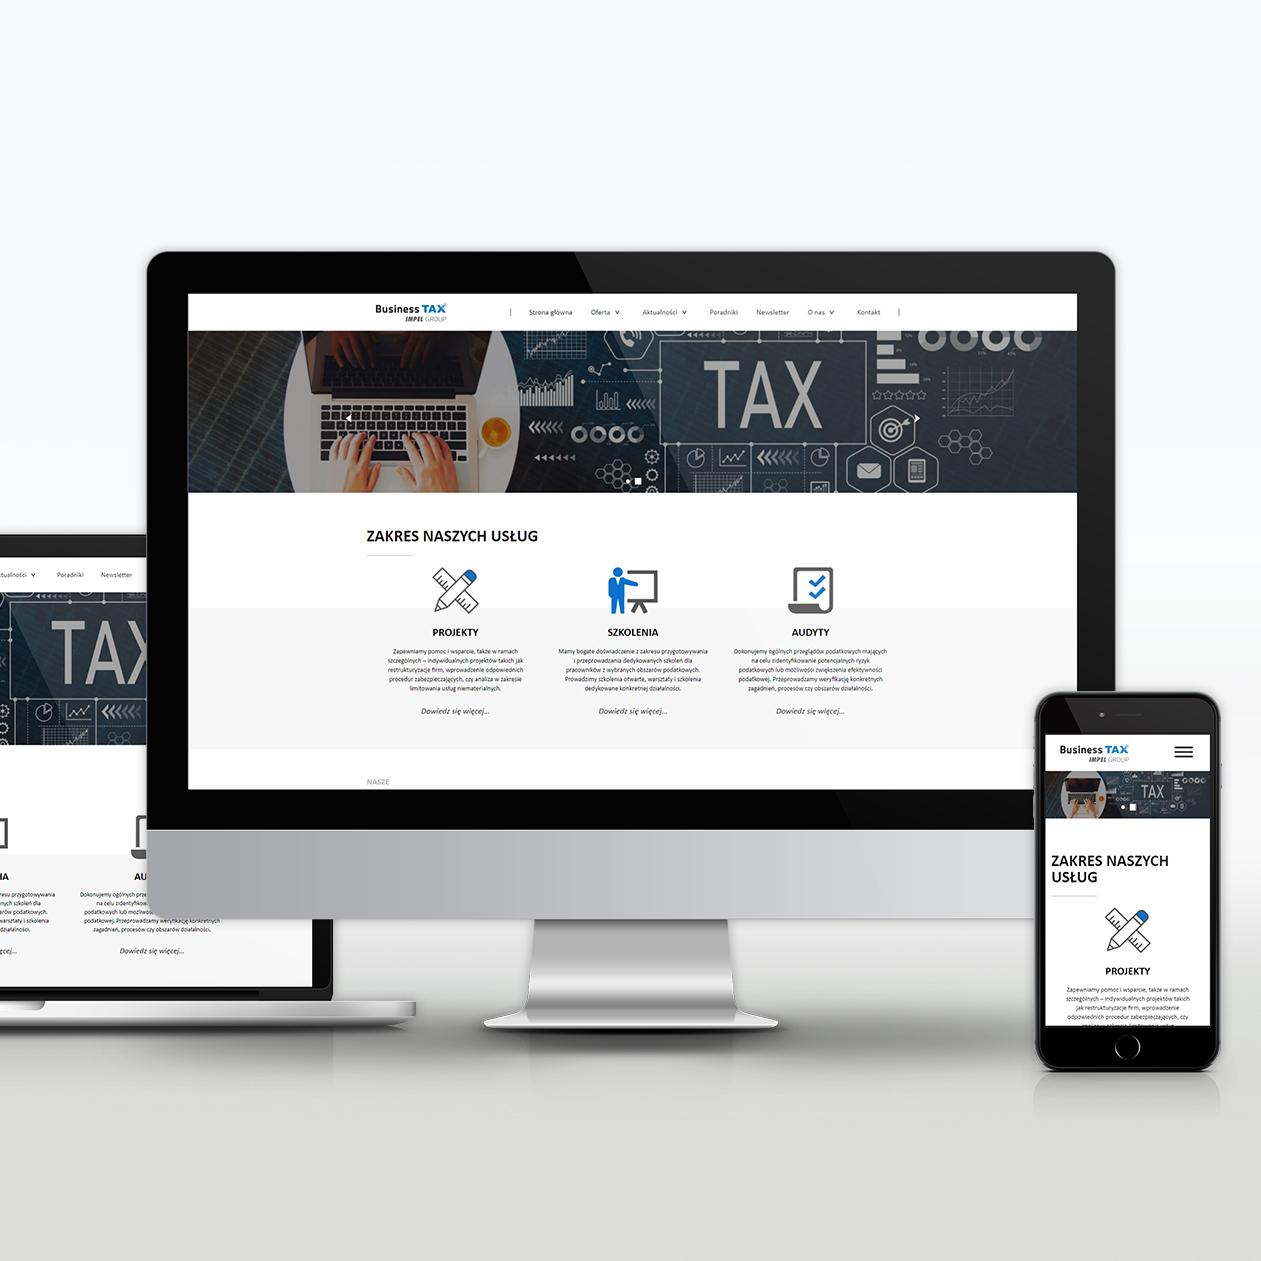 Strona www Business TAX